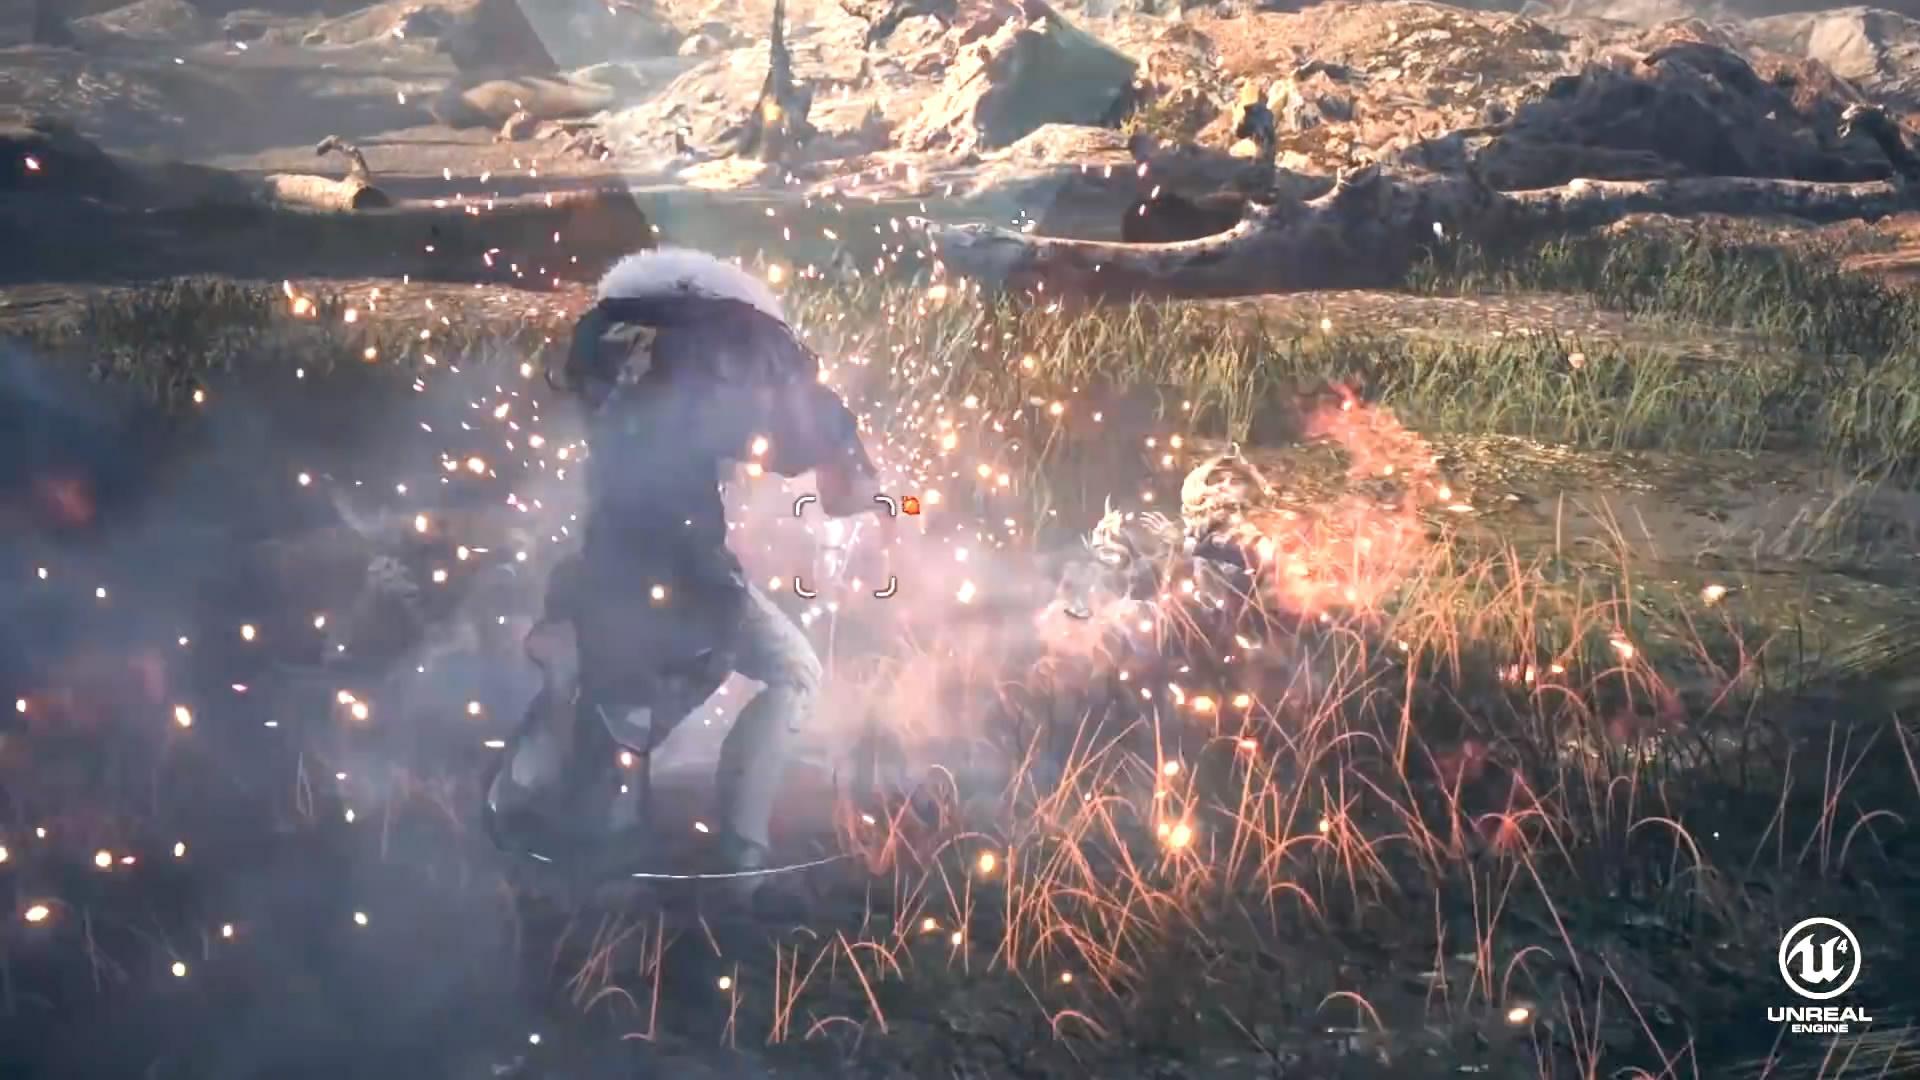 《剑灵》虚幻4重制版演示曝光 画面特效大提升!